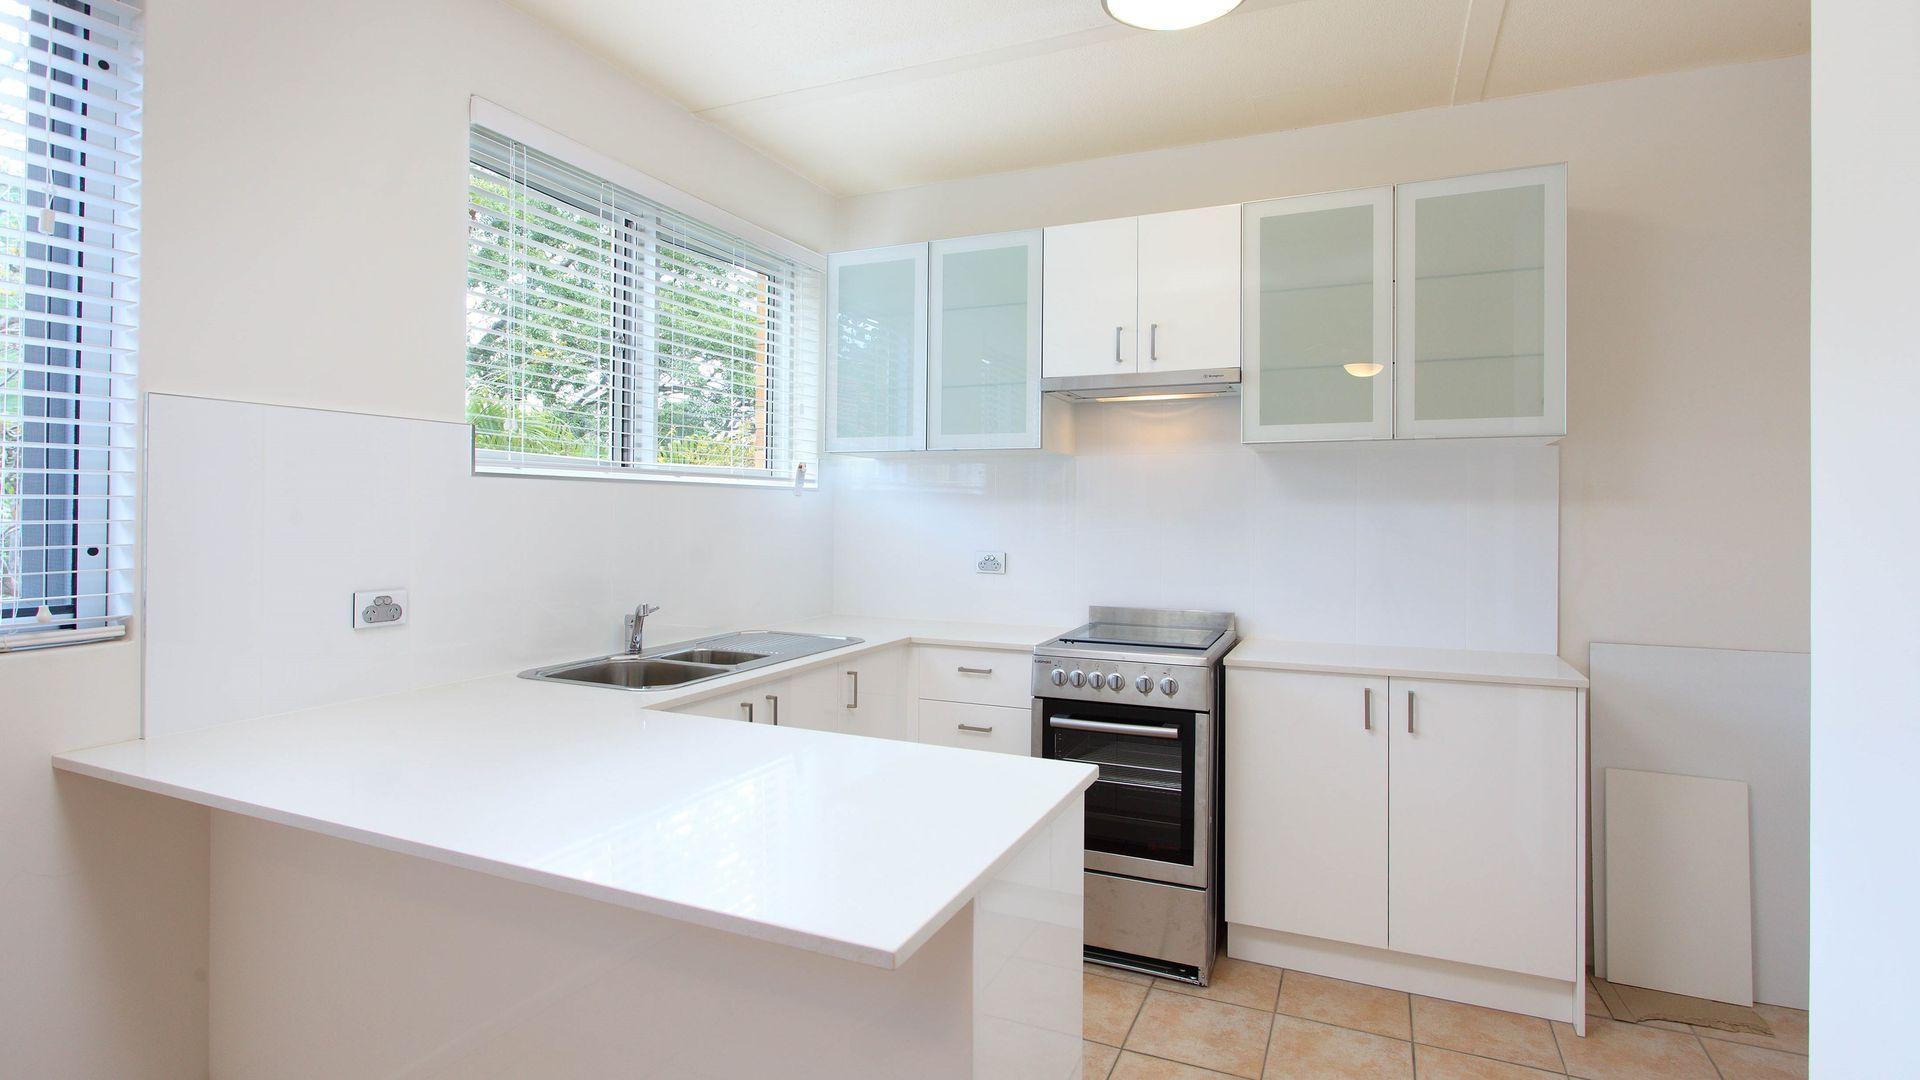 8/4 Abbott Street, New Farm QLD 4005, Image 1